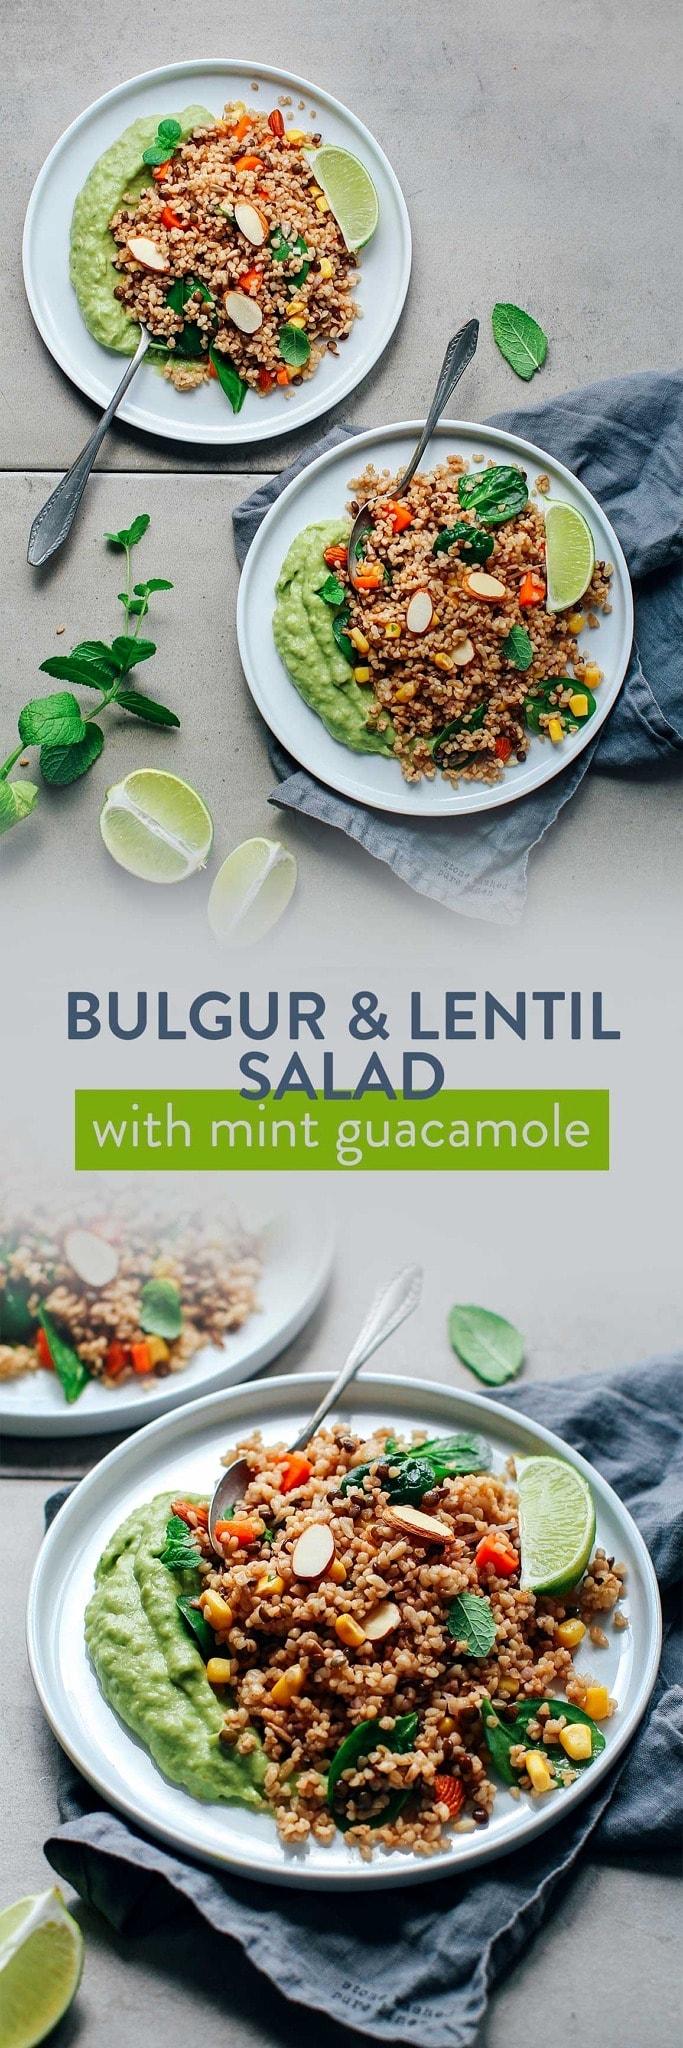 Bulgur & Lentil Salad with Mint Guacamole